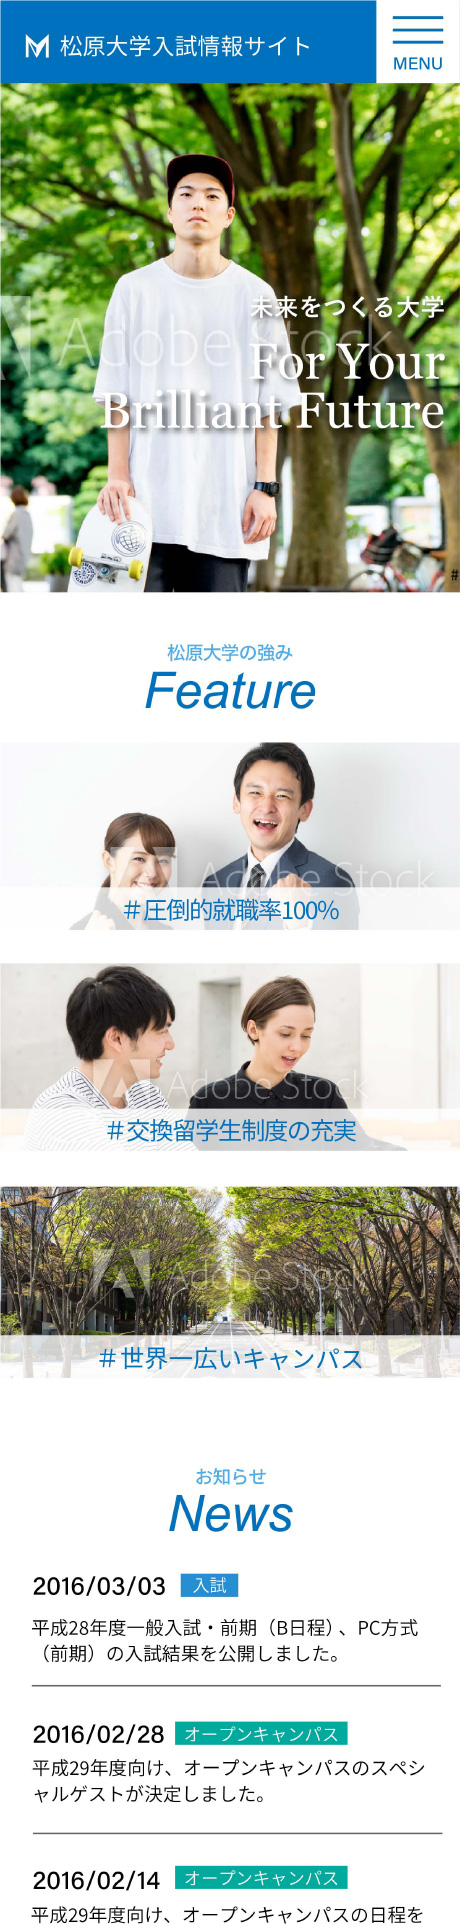 画像:卒業生制作物:WEBサイト:大学入試サイト